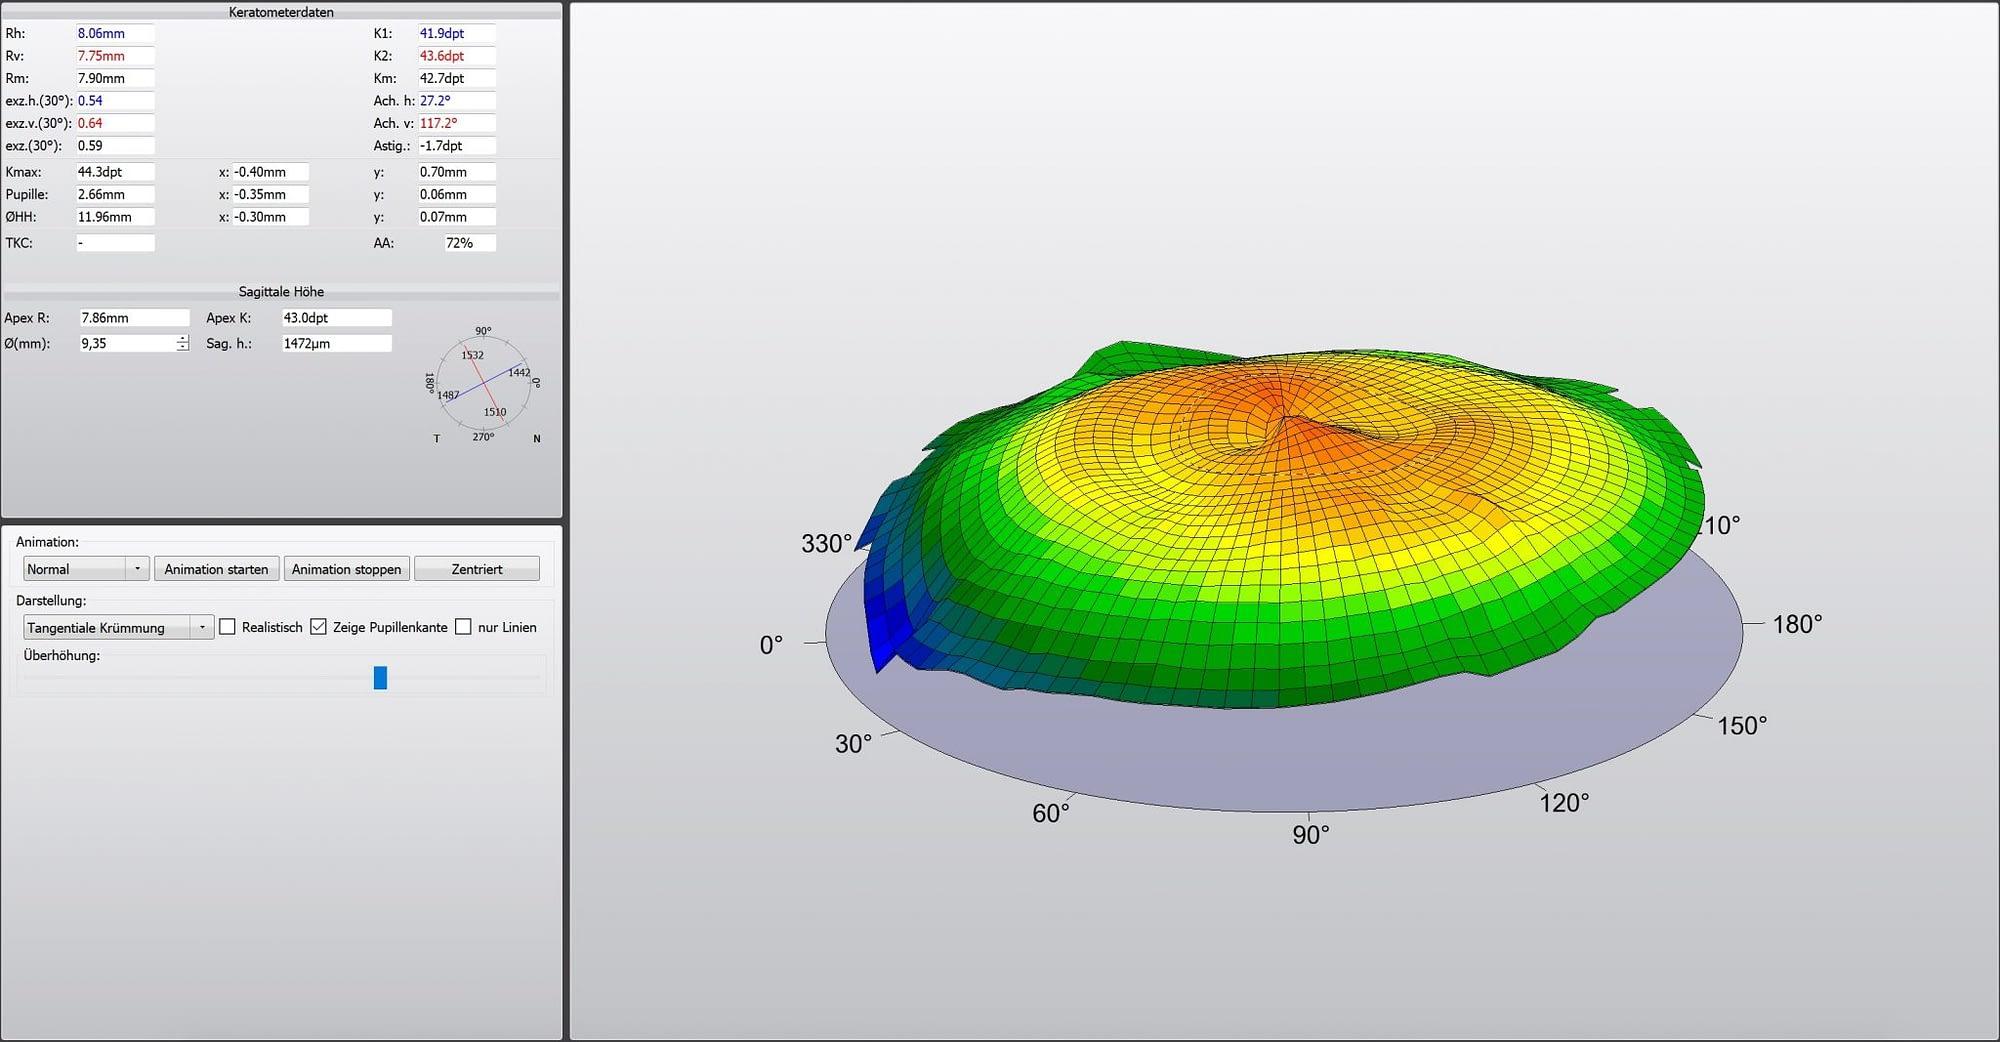 Darstellung einer topographischen Aufnahme der Hornhaut